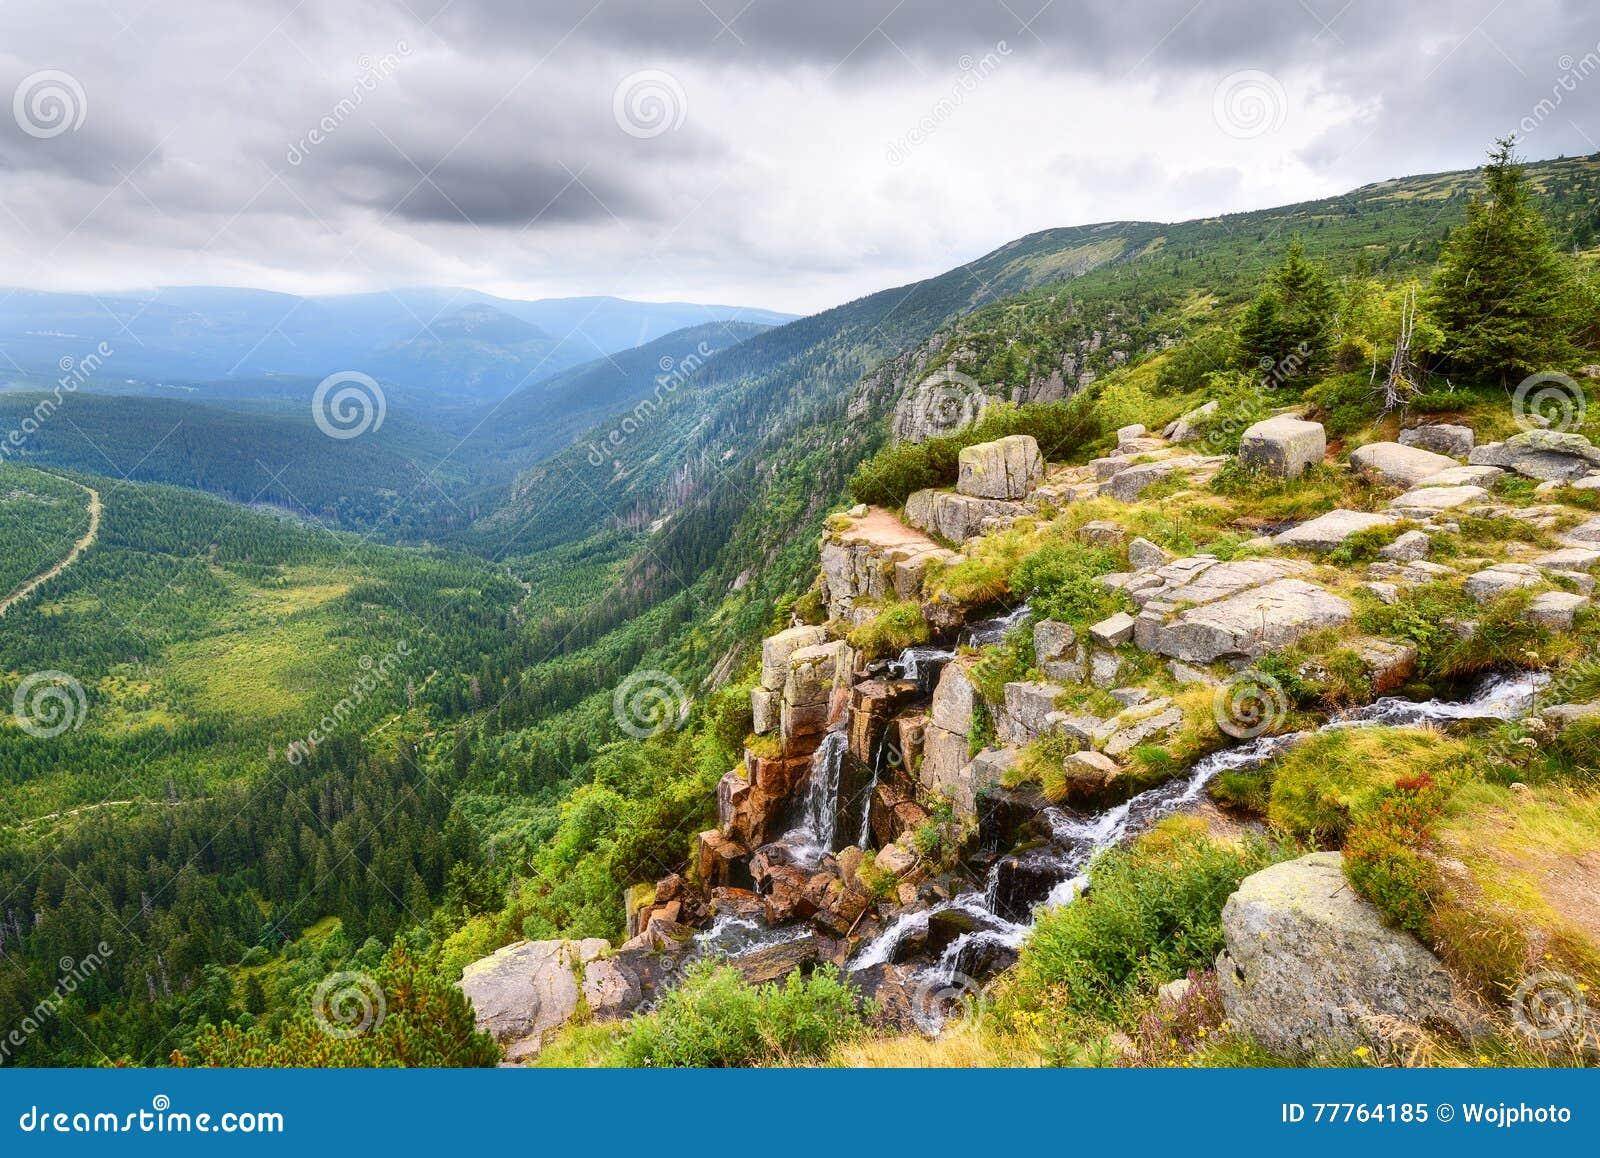 Mooie waterval boven een donkergroene vallei in de bergen